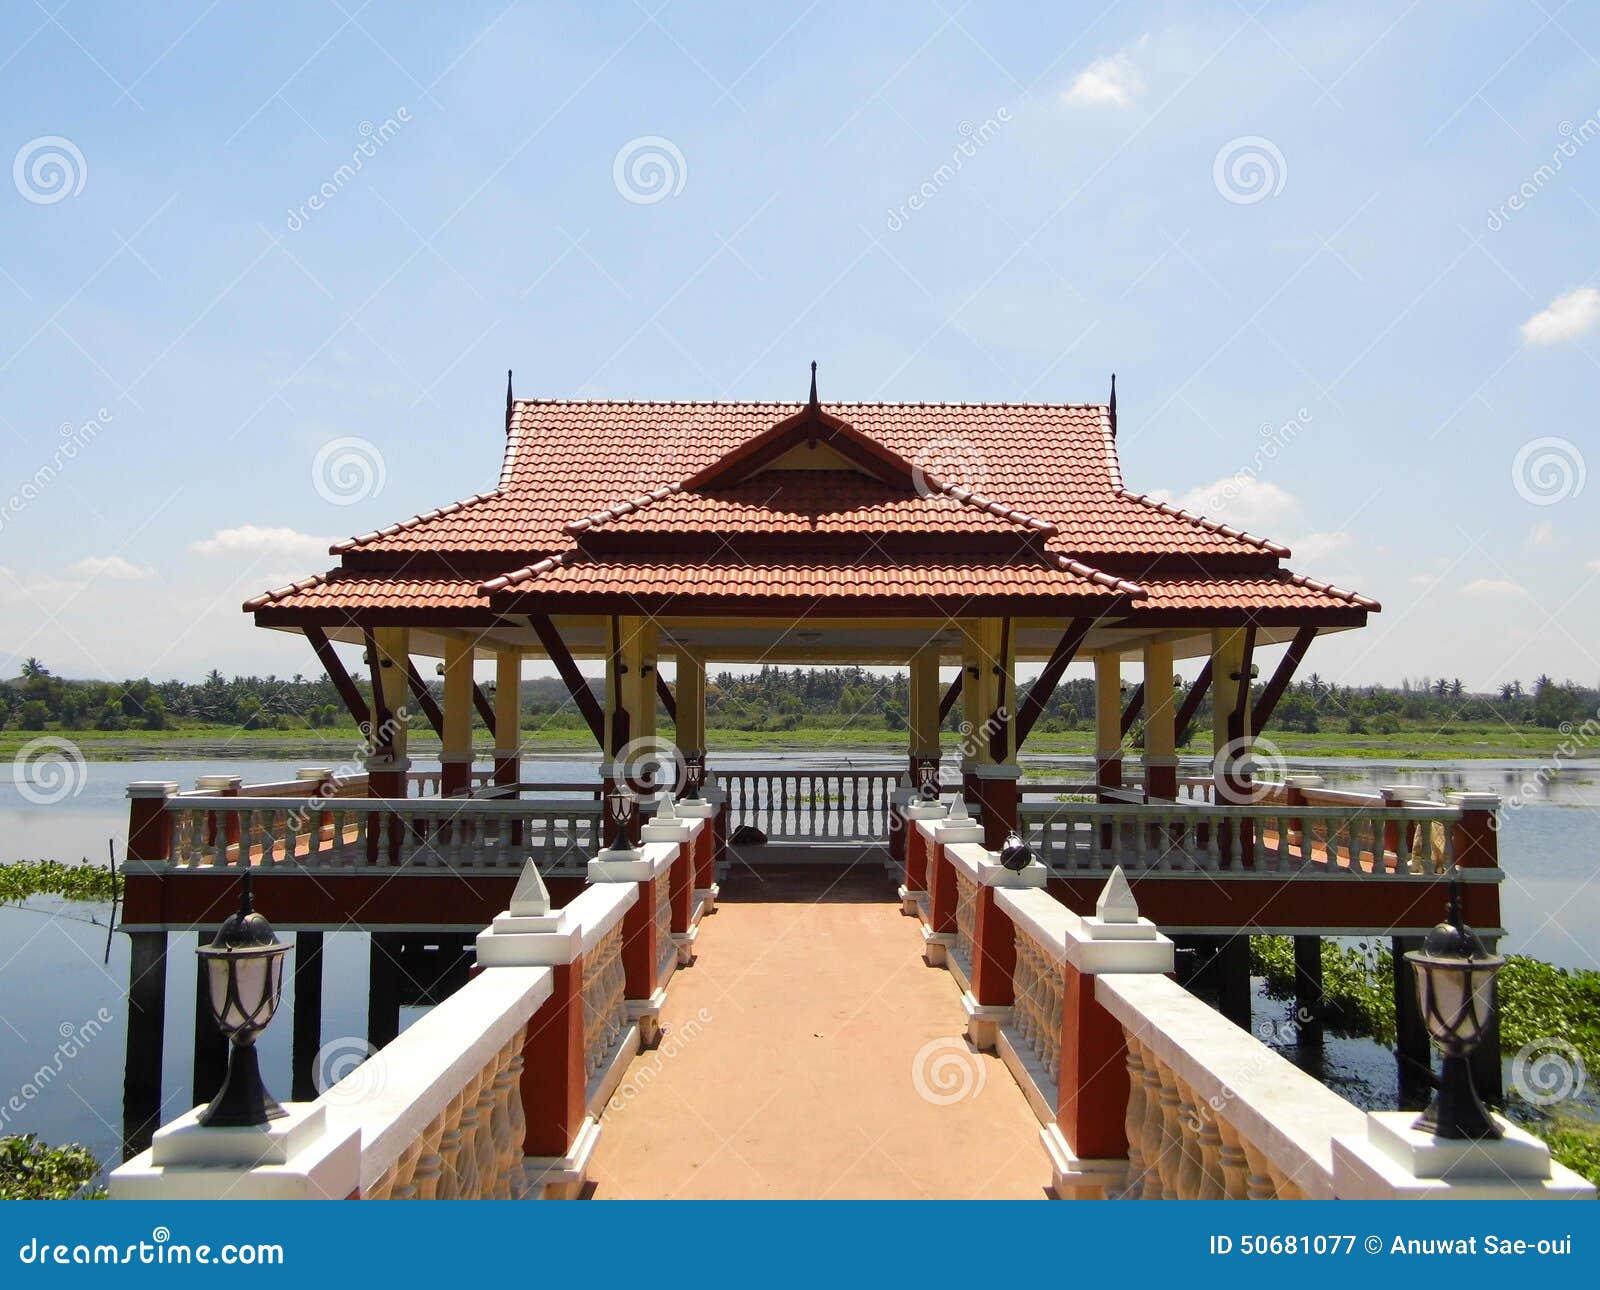 Download 水池的亭子 库存图片. 图片 包括有 公园, 房子, 亭子, 大厅, 沼泽, 盐水湖, 方式 - 50681077